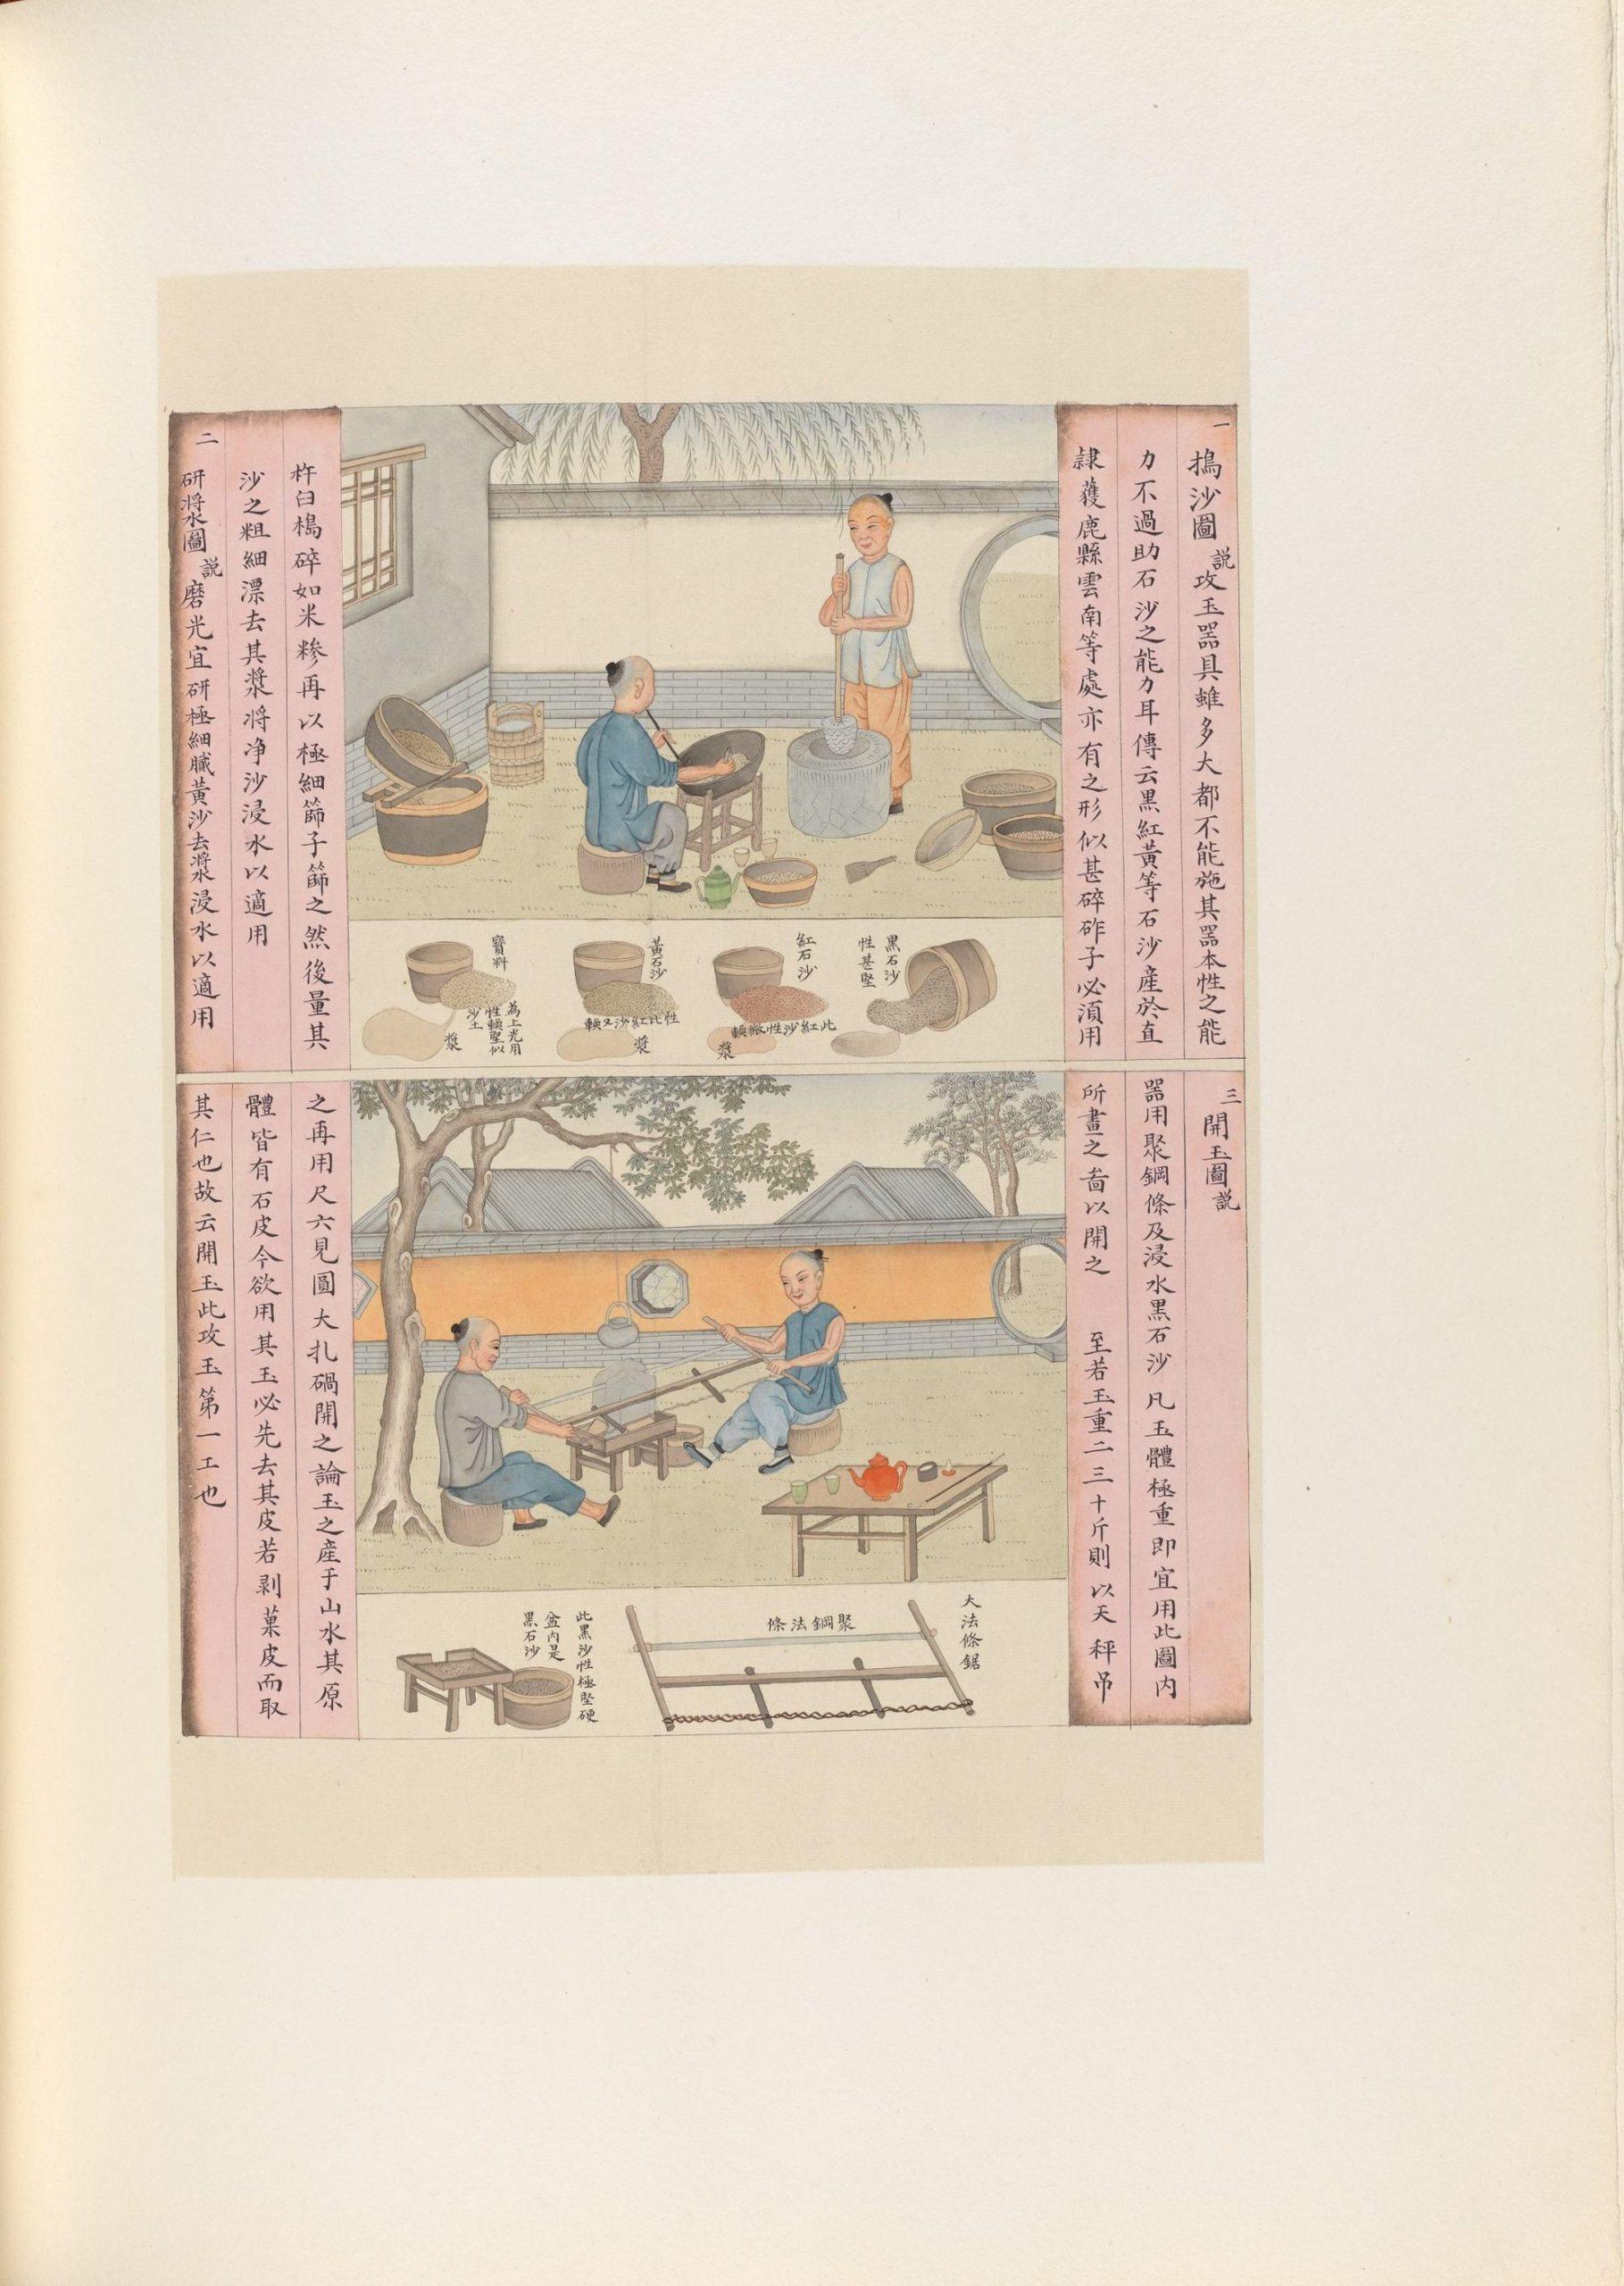 玉石调查与研究.部分插图. 玉作图说.1906 年